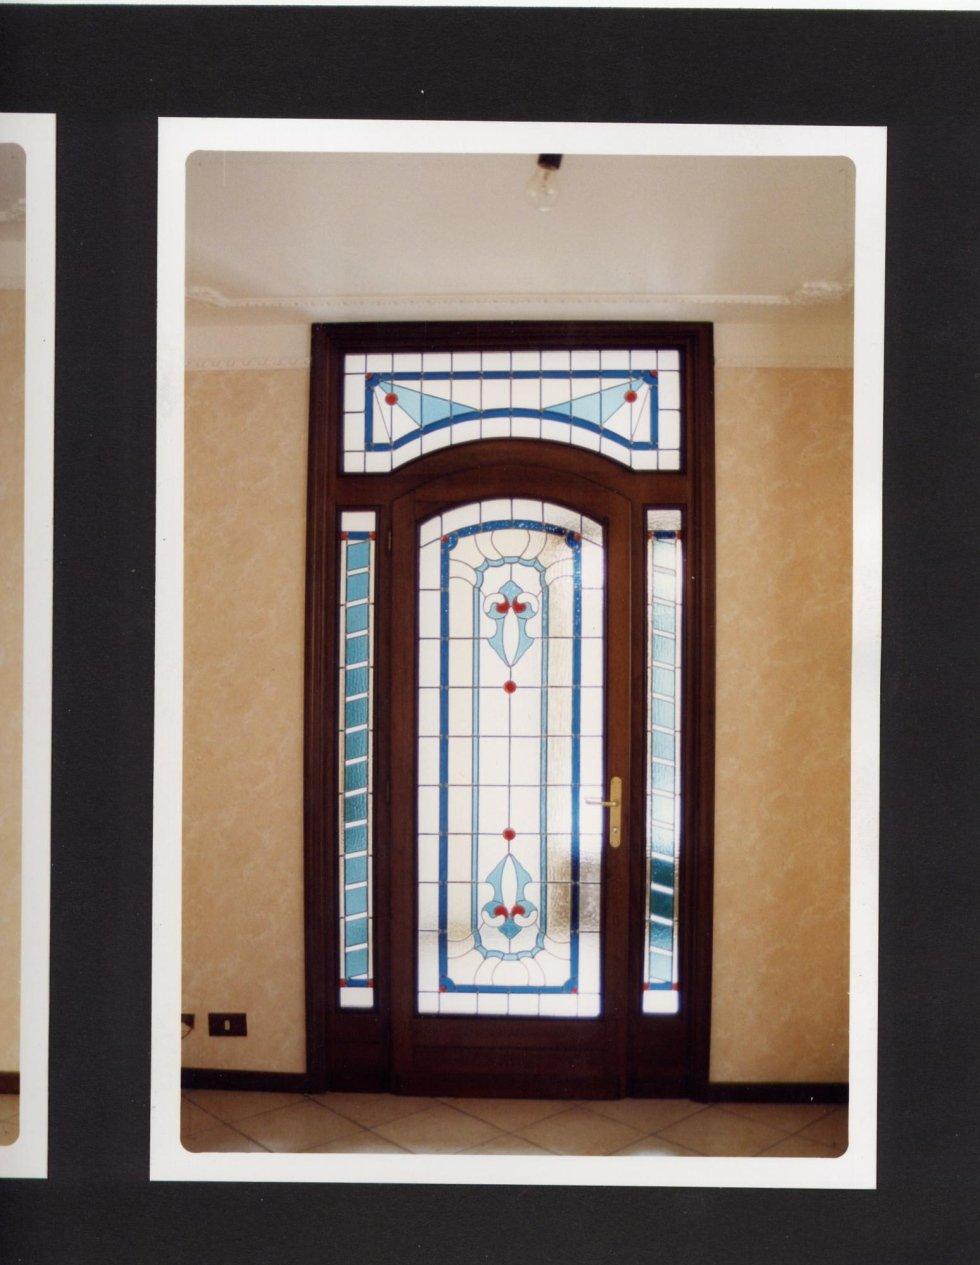 una porta in vetro con disegni azzurri e rossi